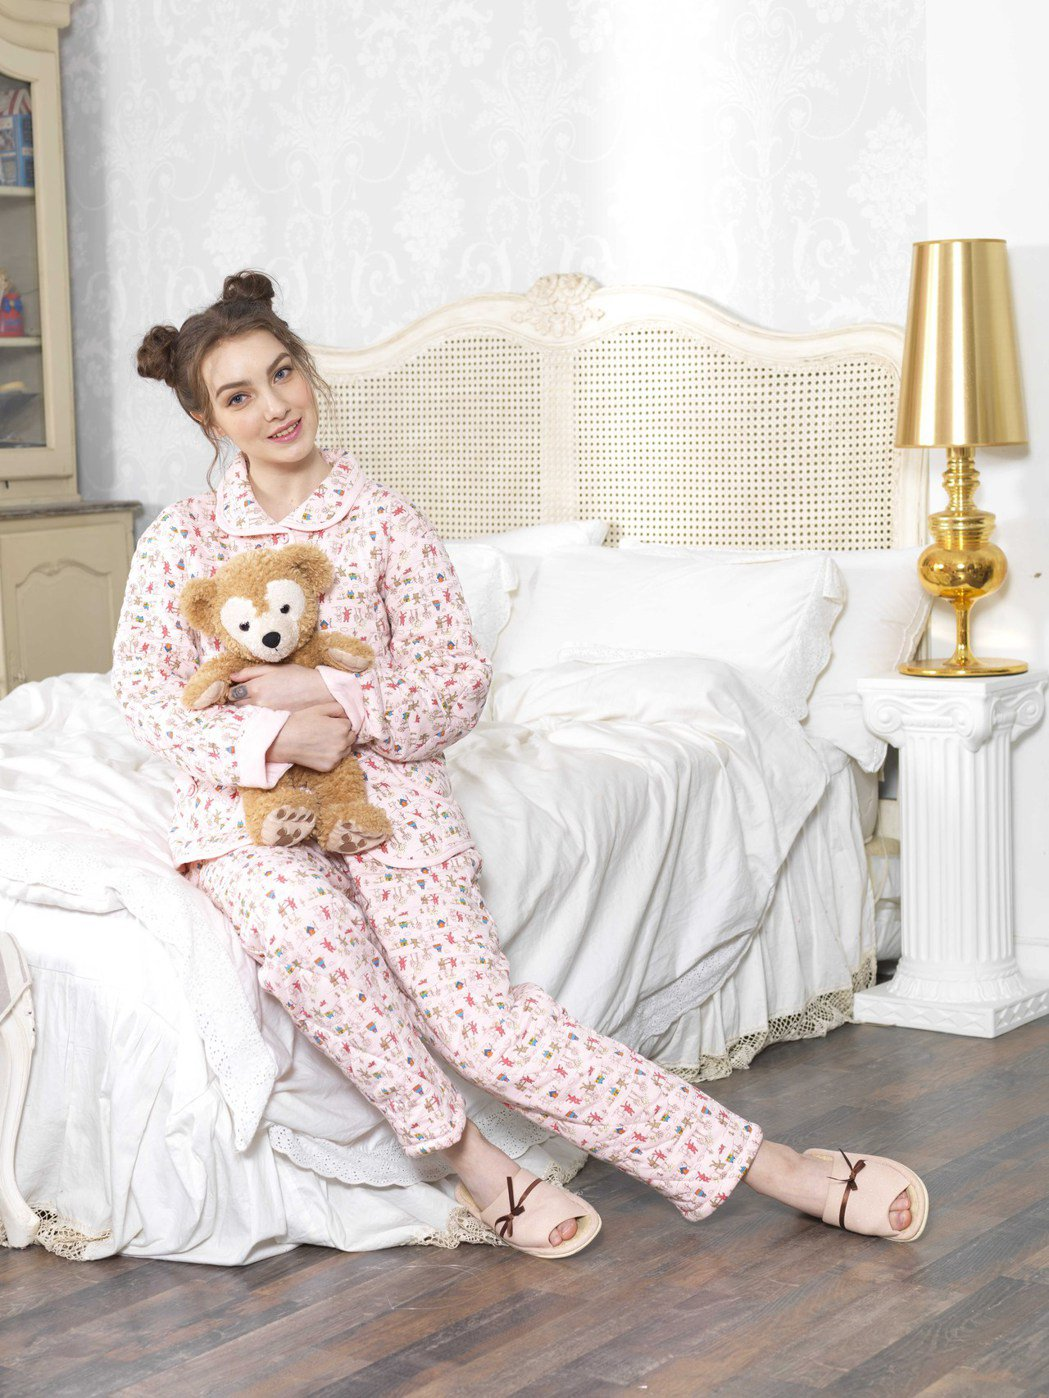 1月14日每日一物:保暖居家睡衣(特價590元)。 MONTAGUT /提供